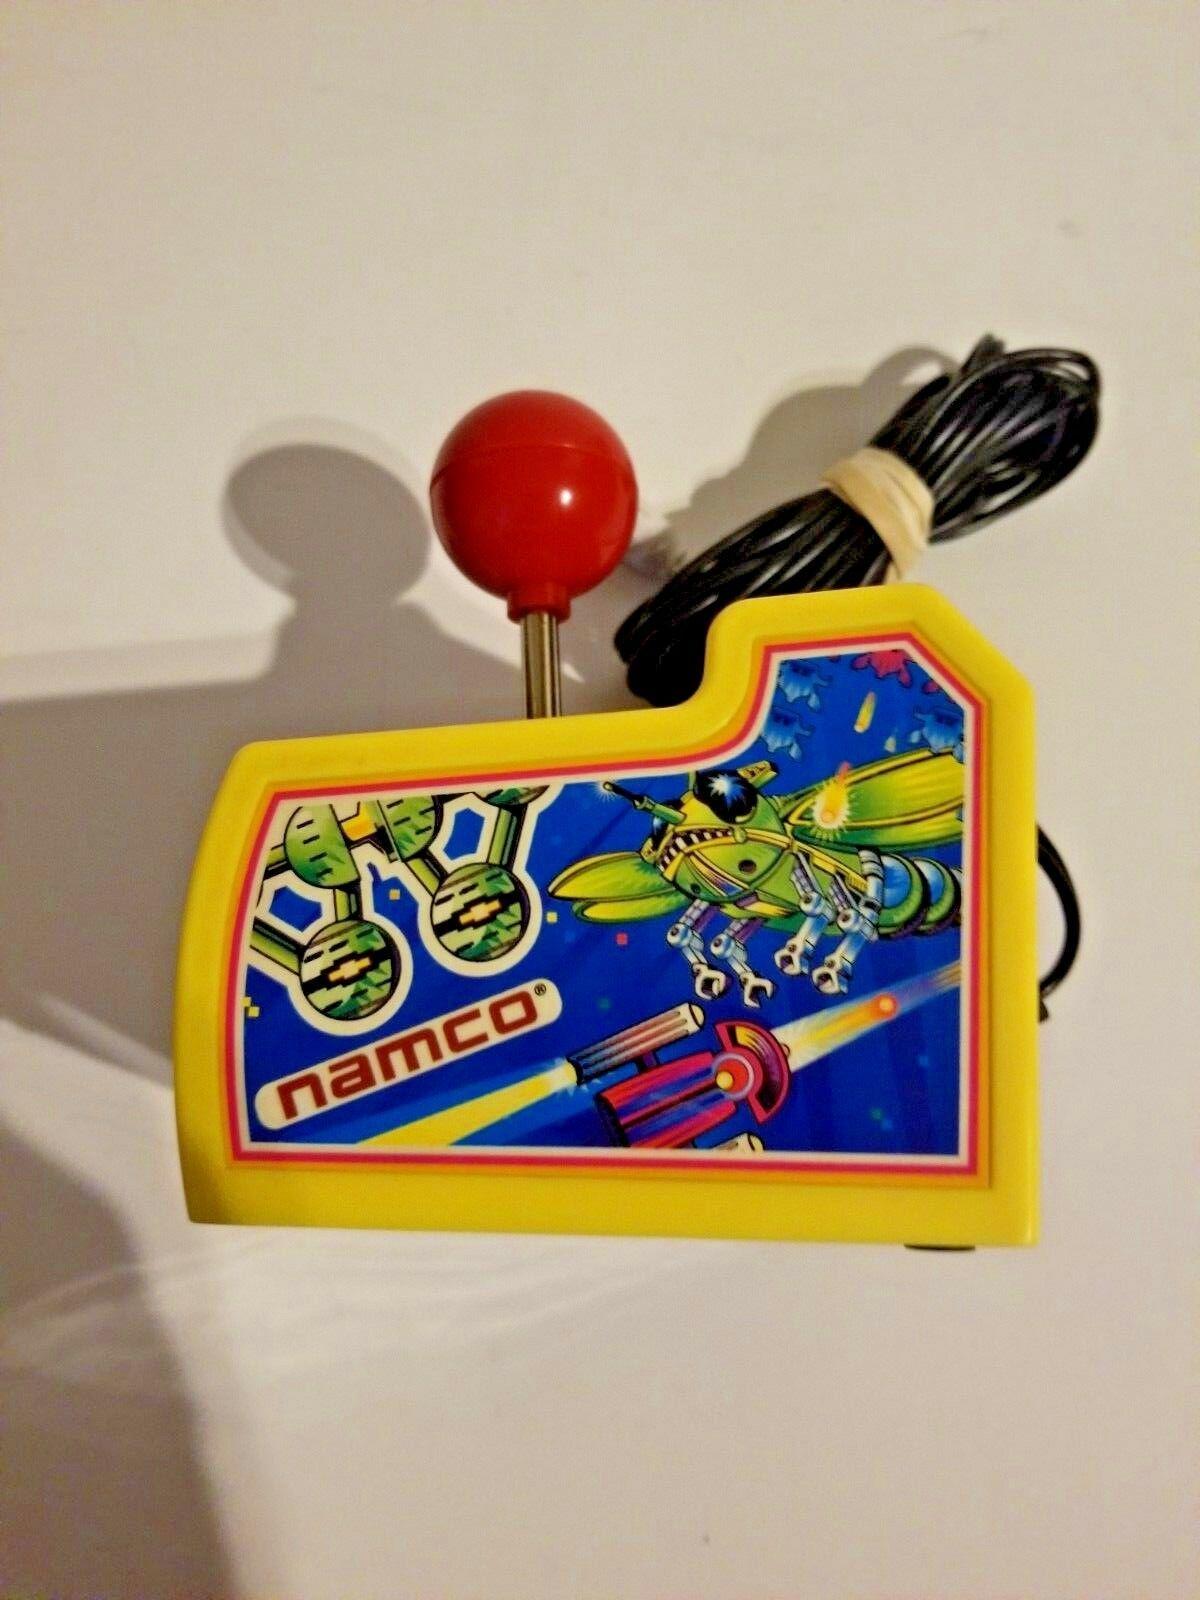 plug n play tv games (5 namco old school games) image 4